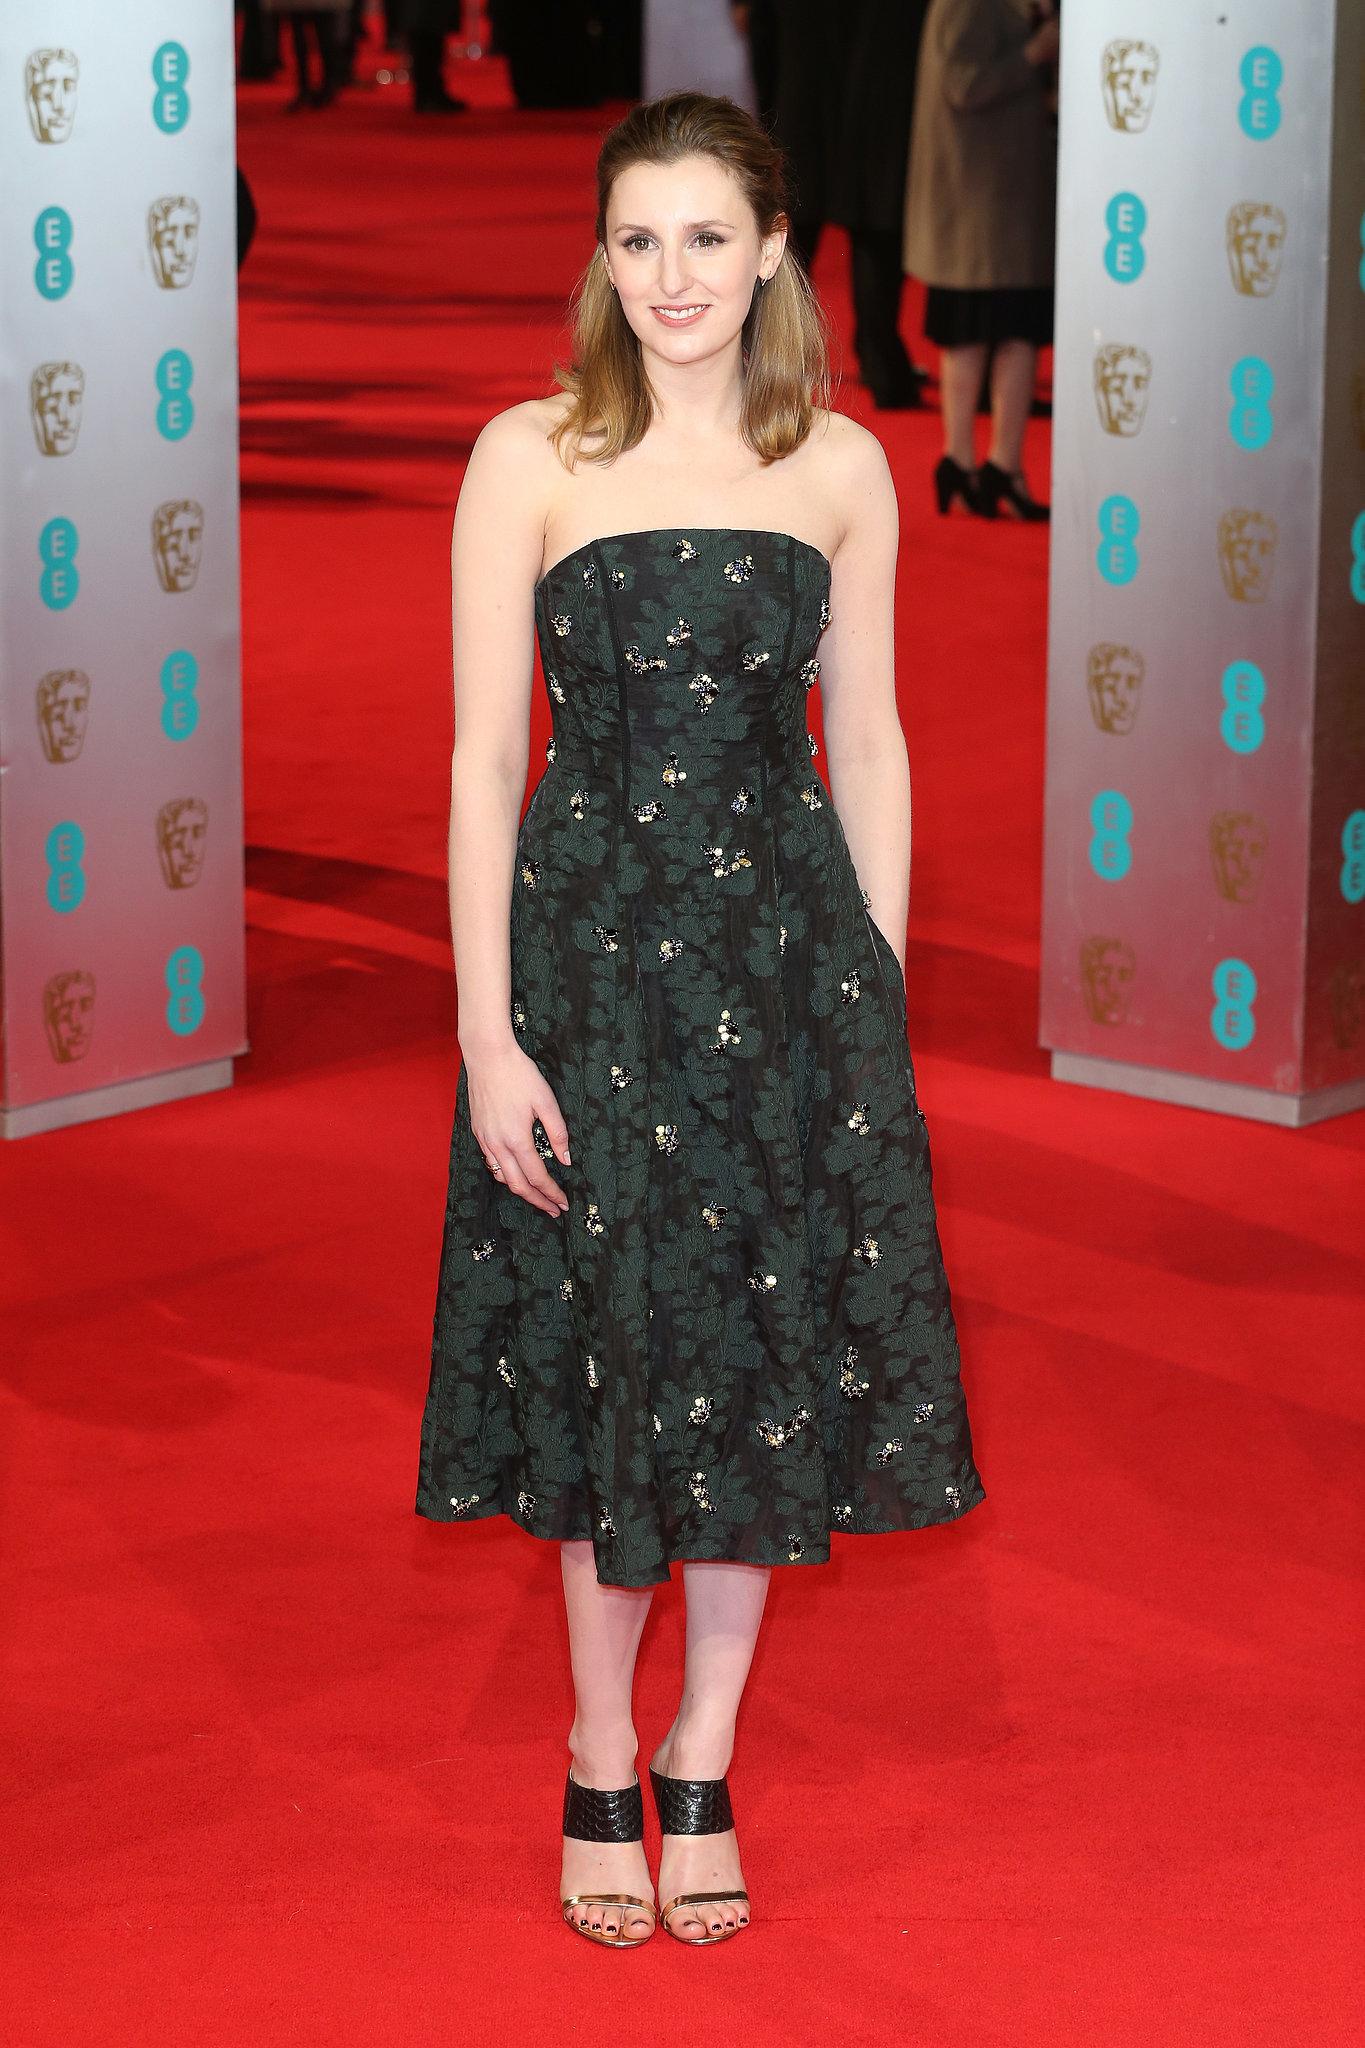 Laura Carmichael on the 2014 BAFTA Red Carpet